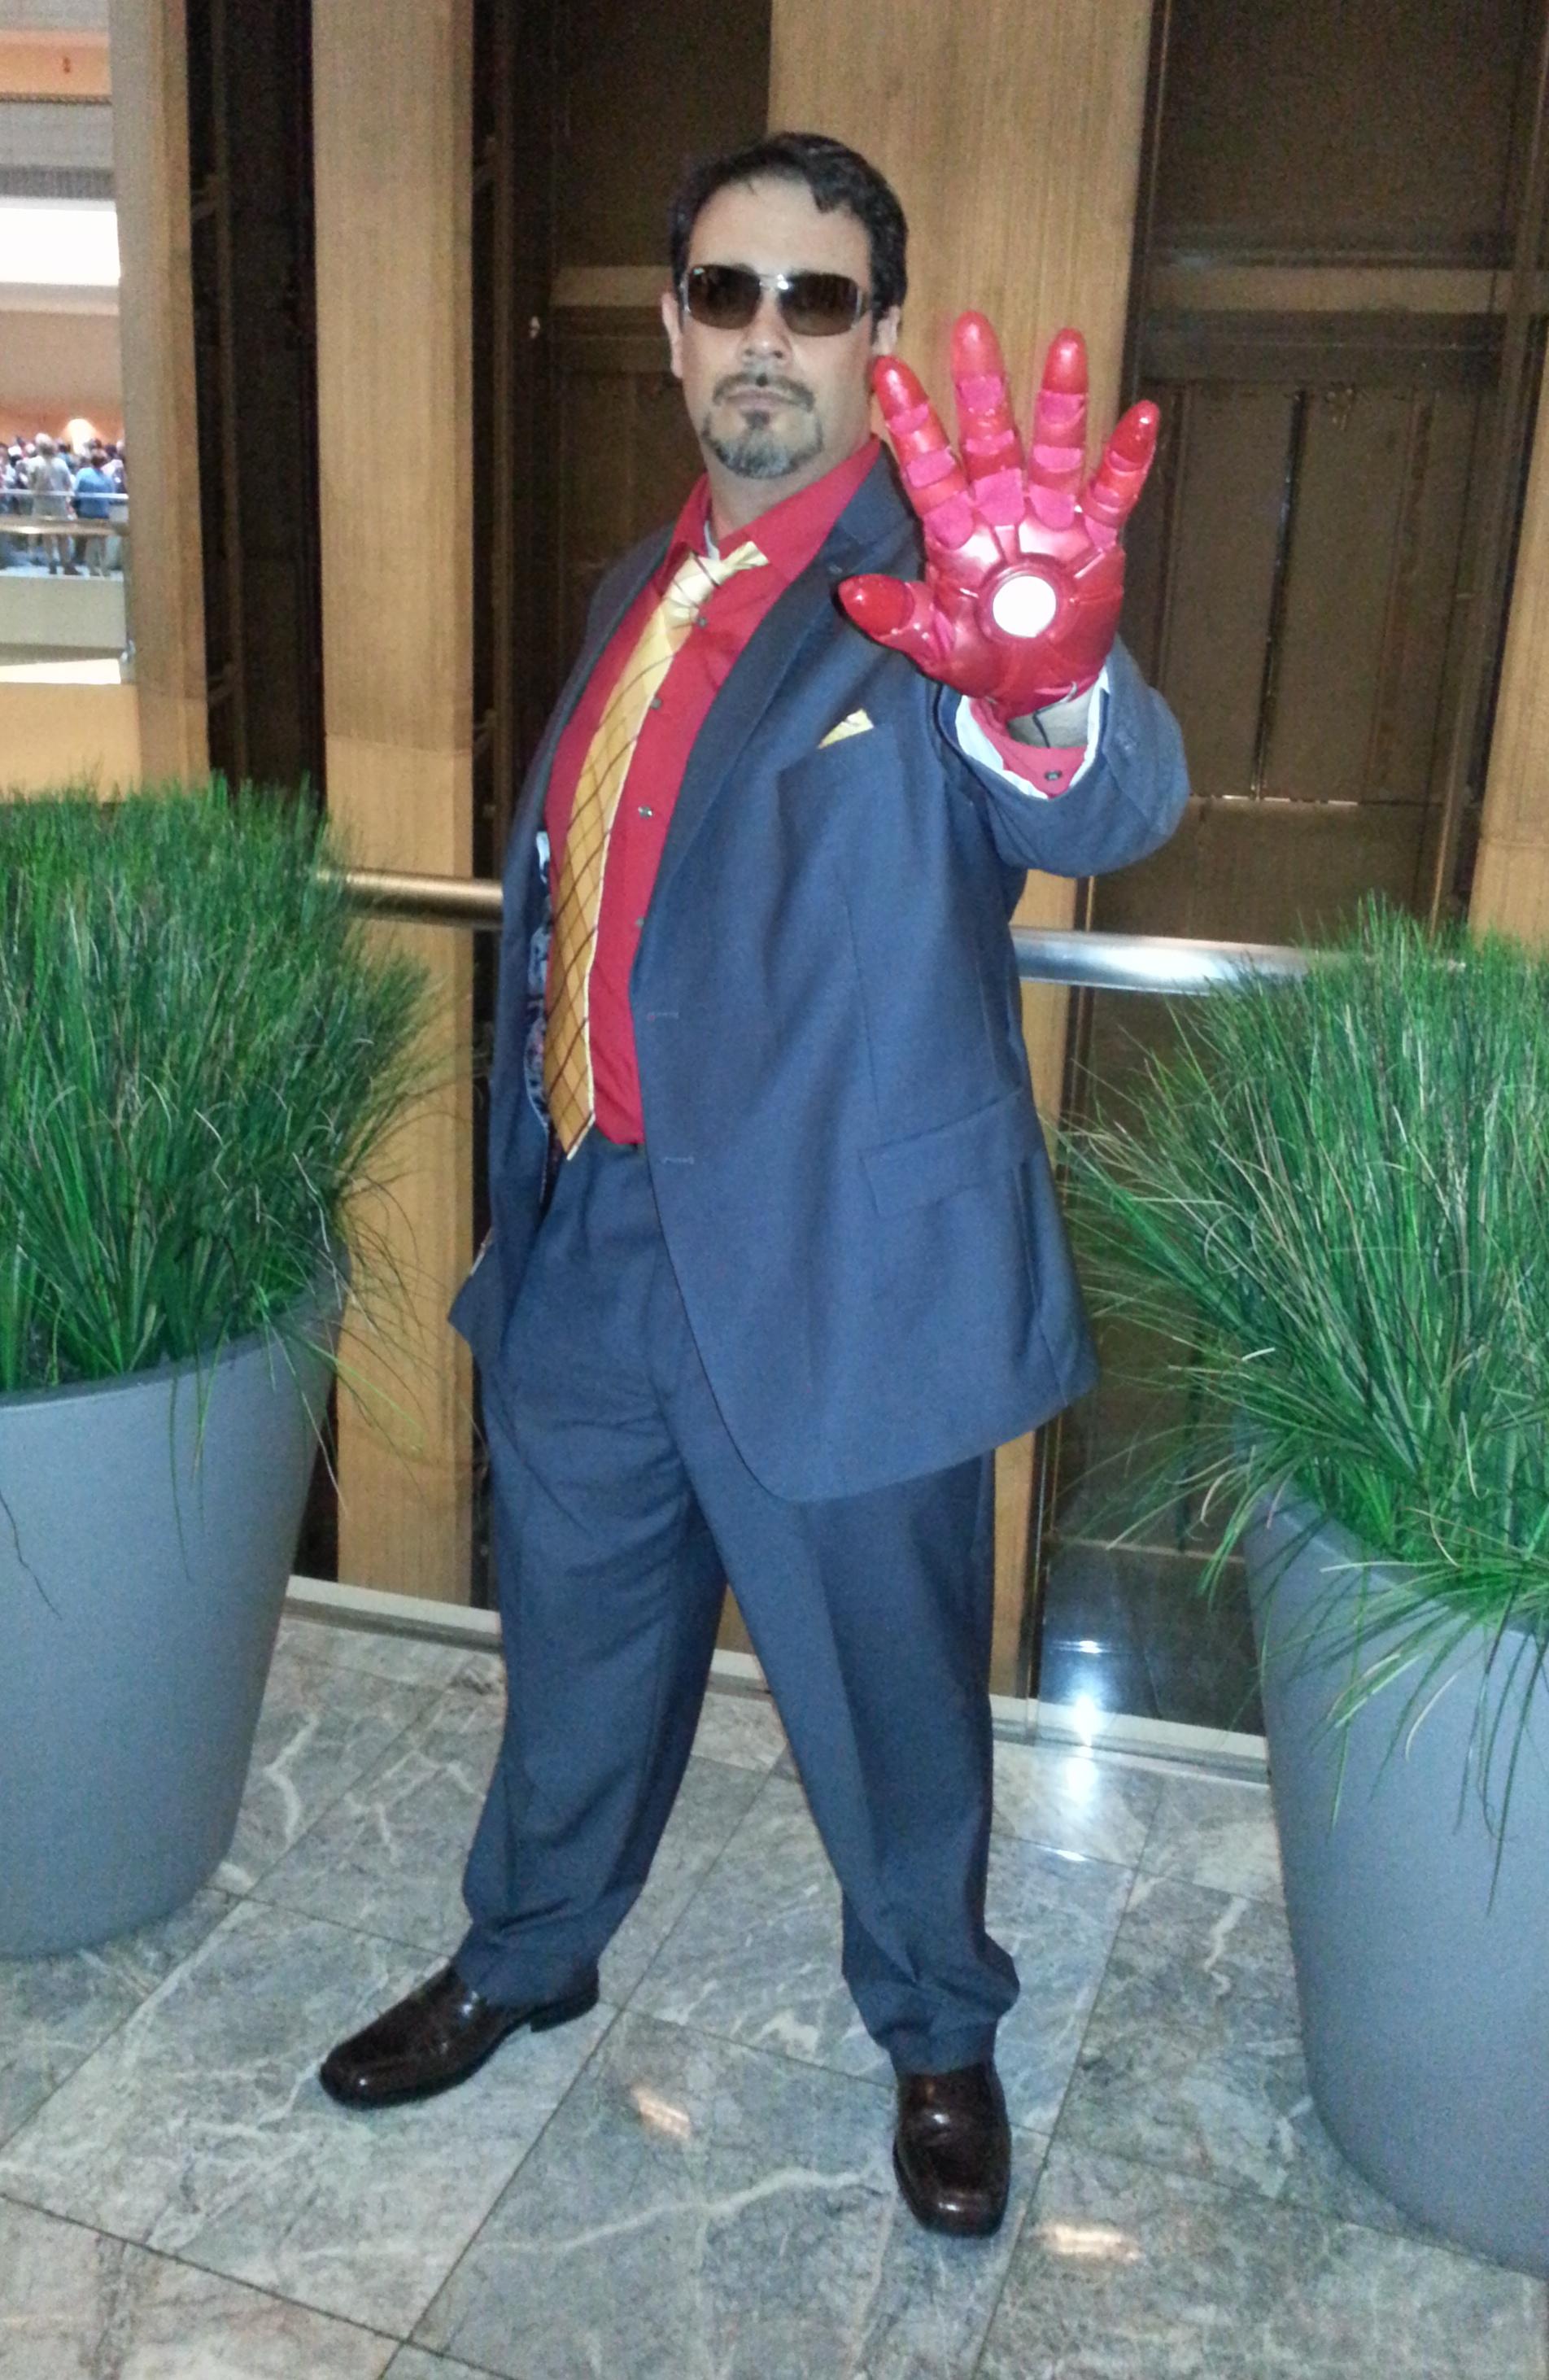 Tony Stark Cosplay – DragonCon 2012 Girls Gone Geek - 1904x2925 ... Tony Stark Cosplay